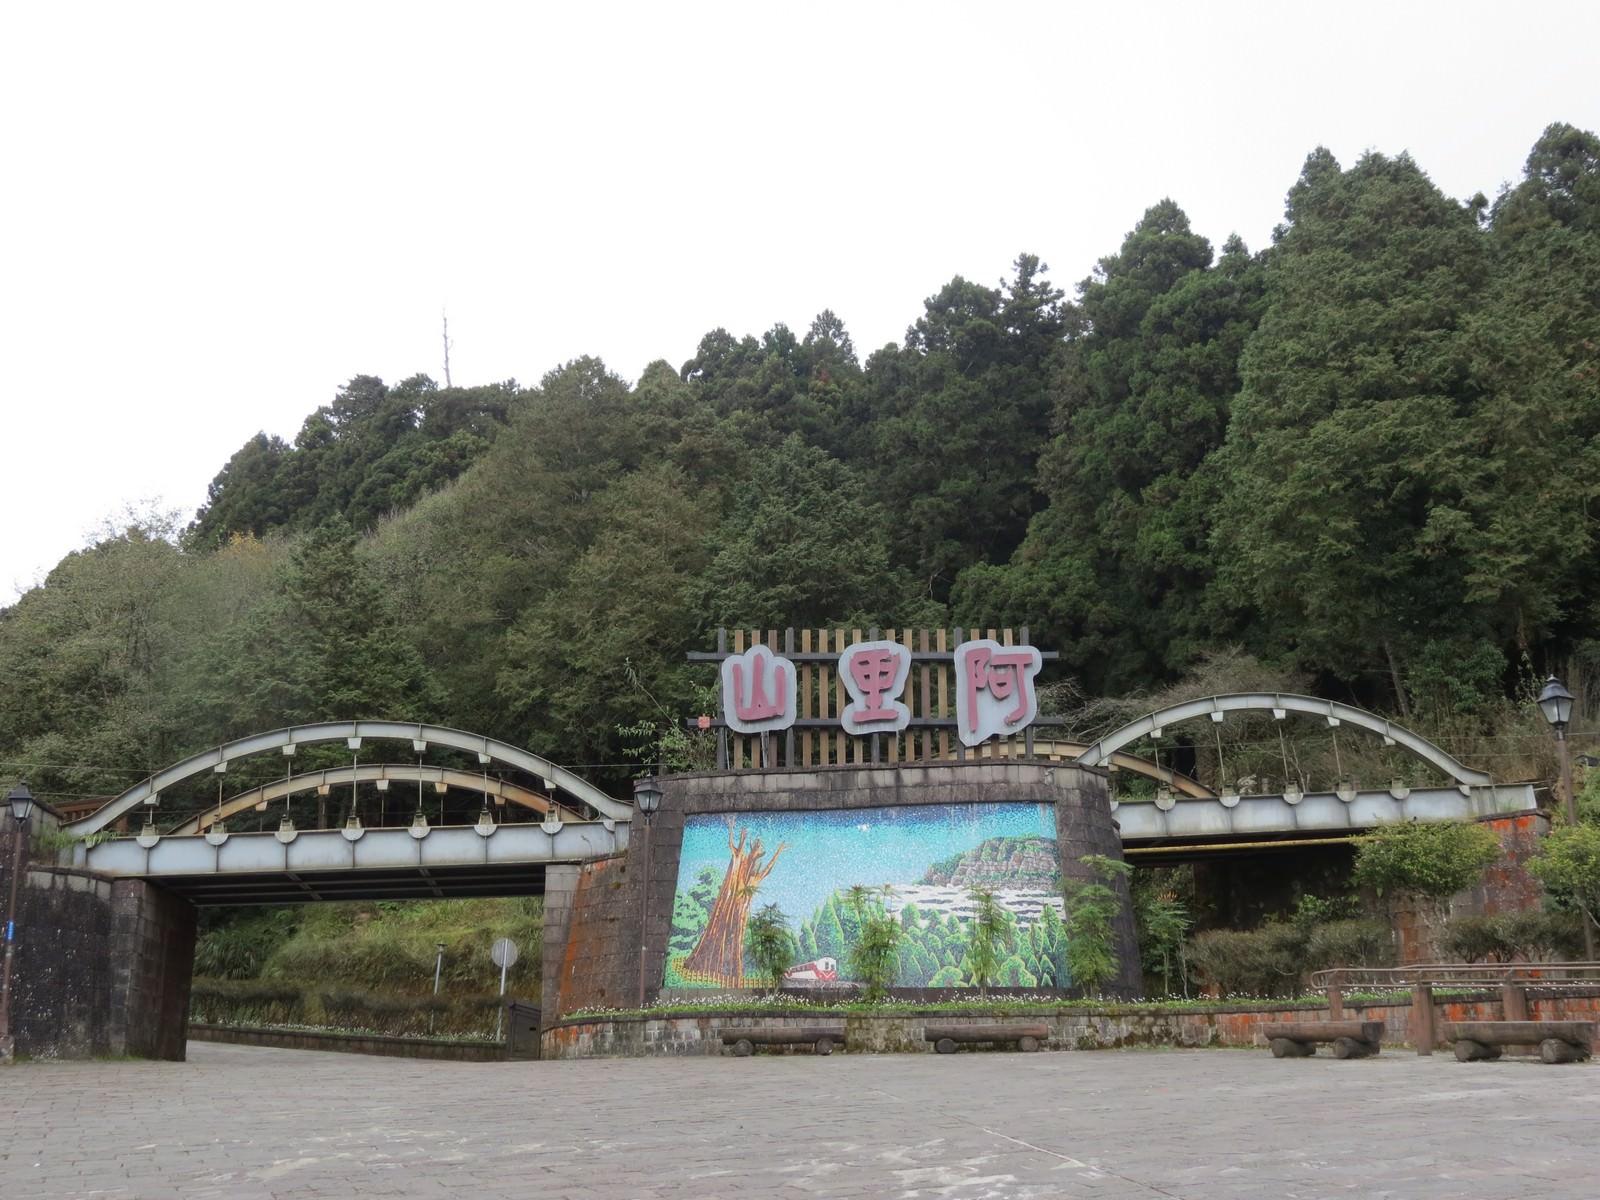 阿里山國家風景區(Alishan National Scenic Area)